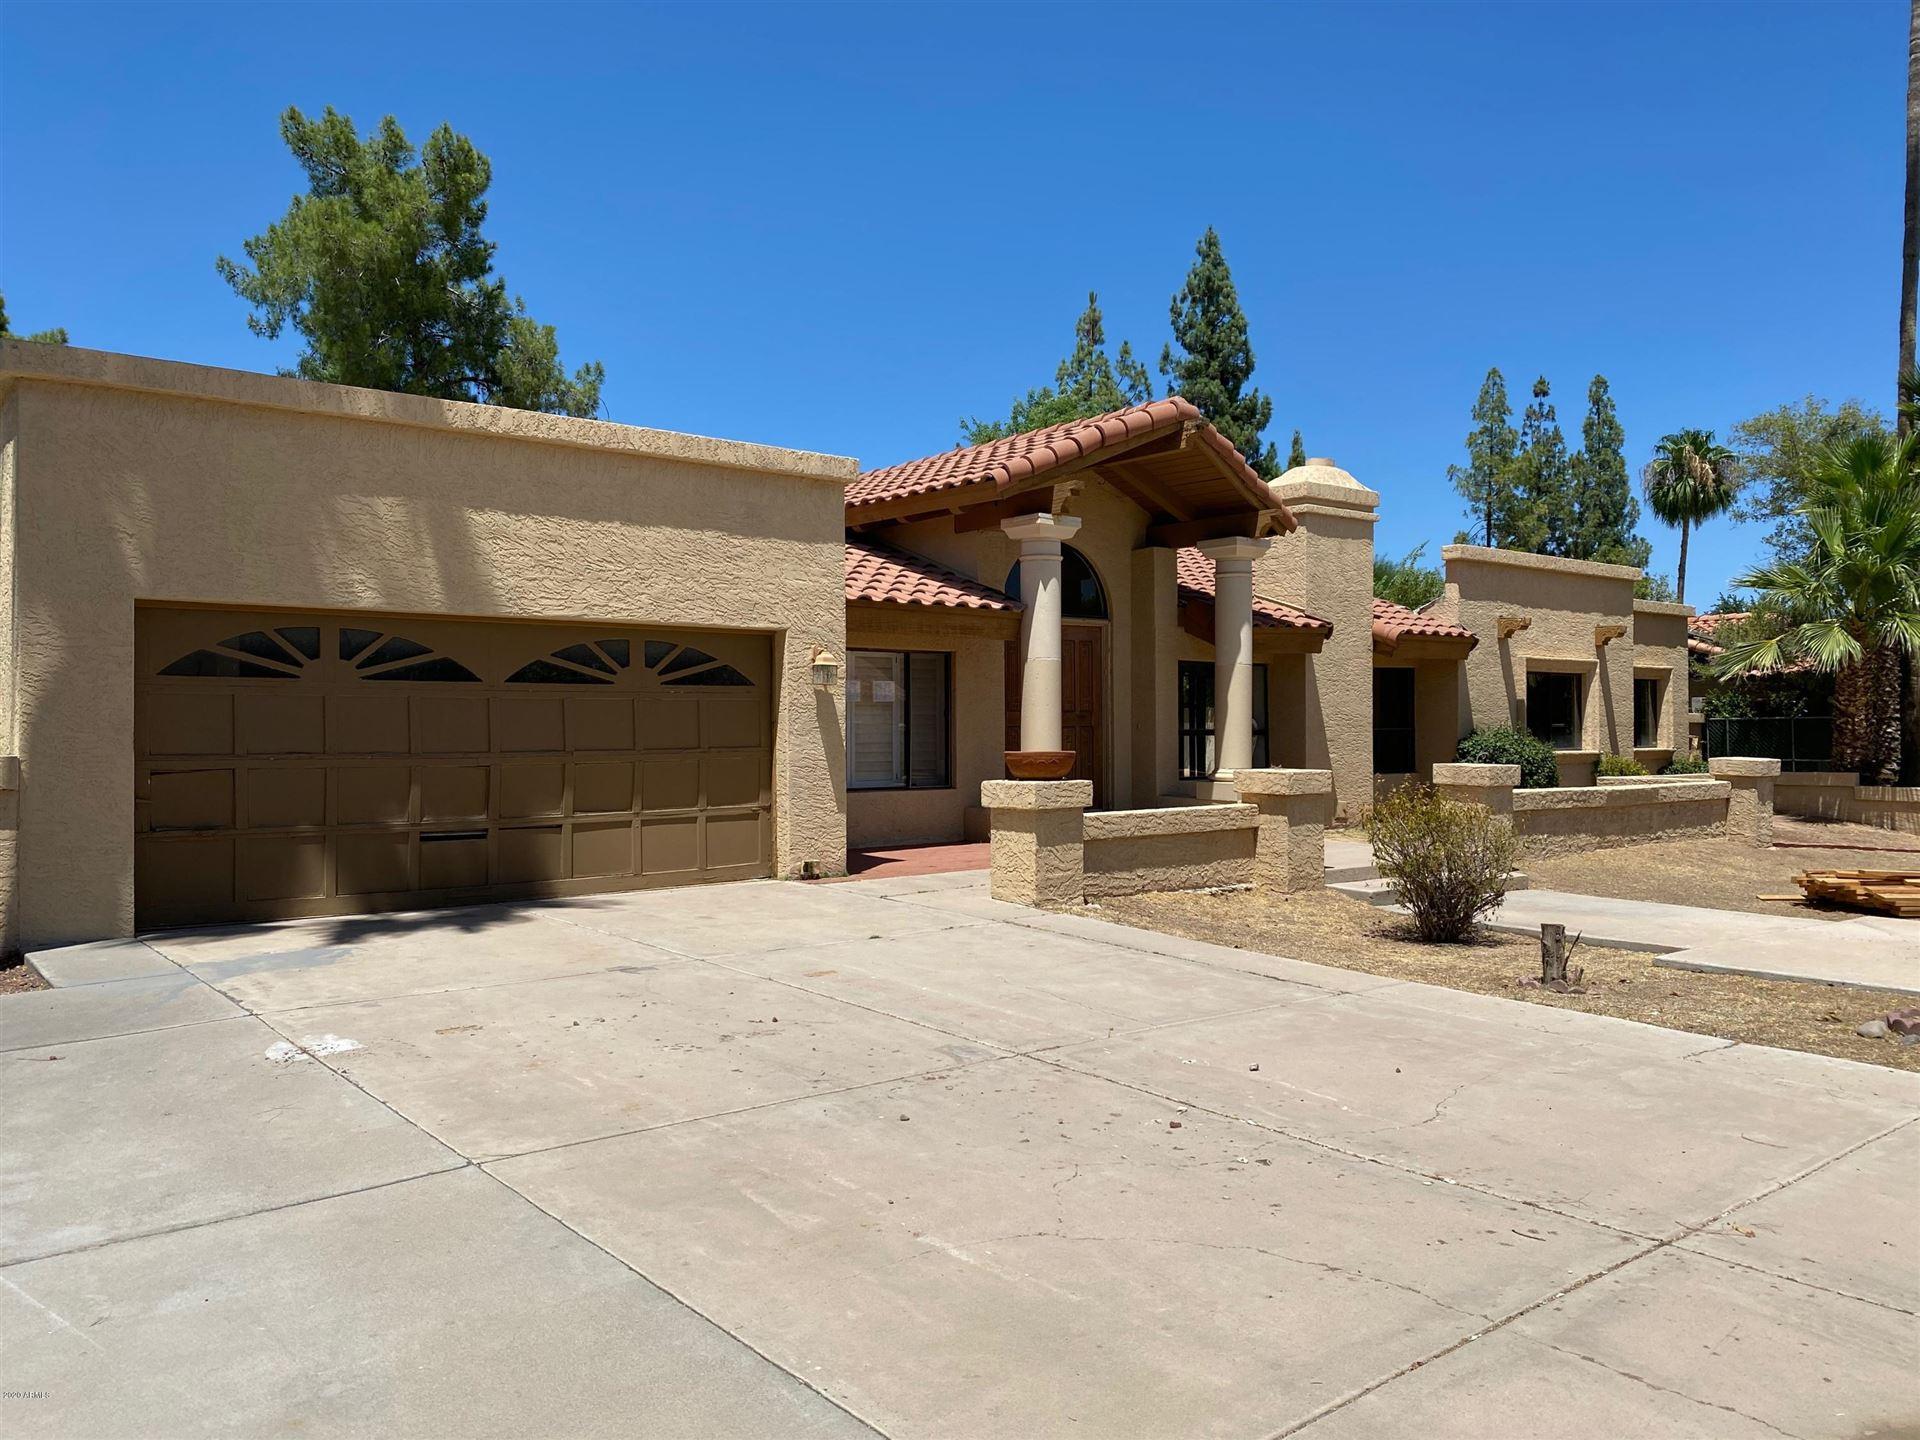 1426 E CALLE DE ARCOS Street, Tempe, AZ 85284 - MLS#: 6108118